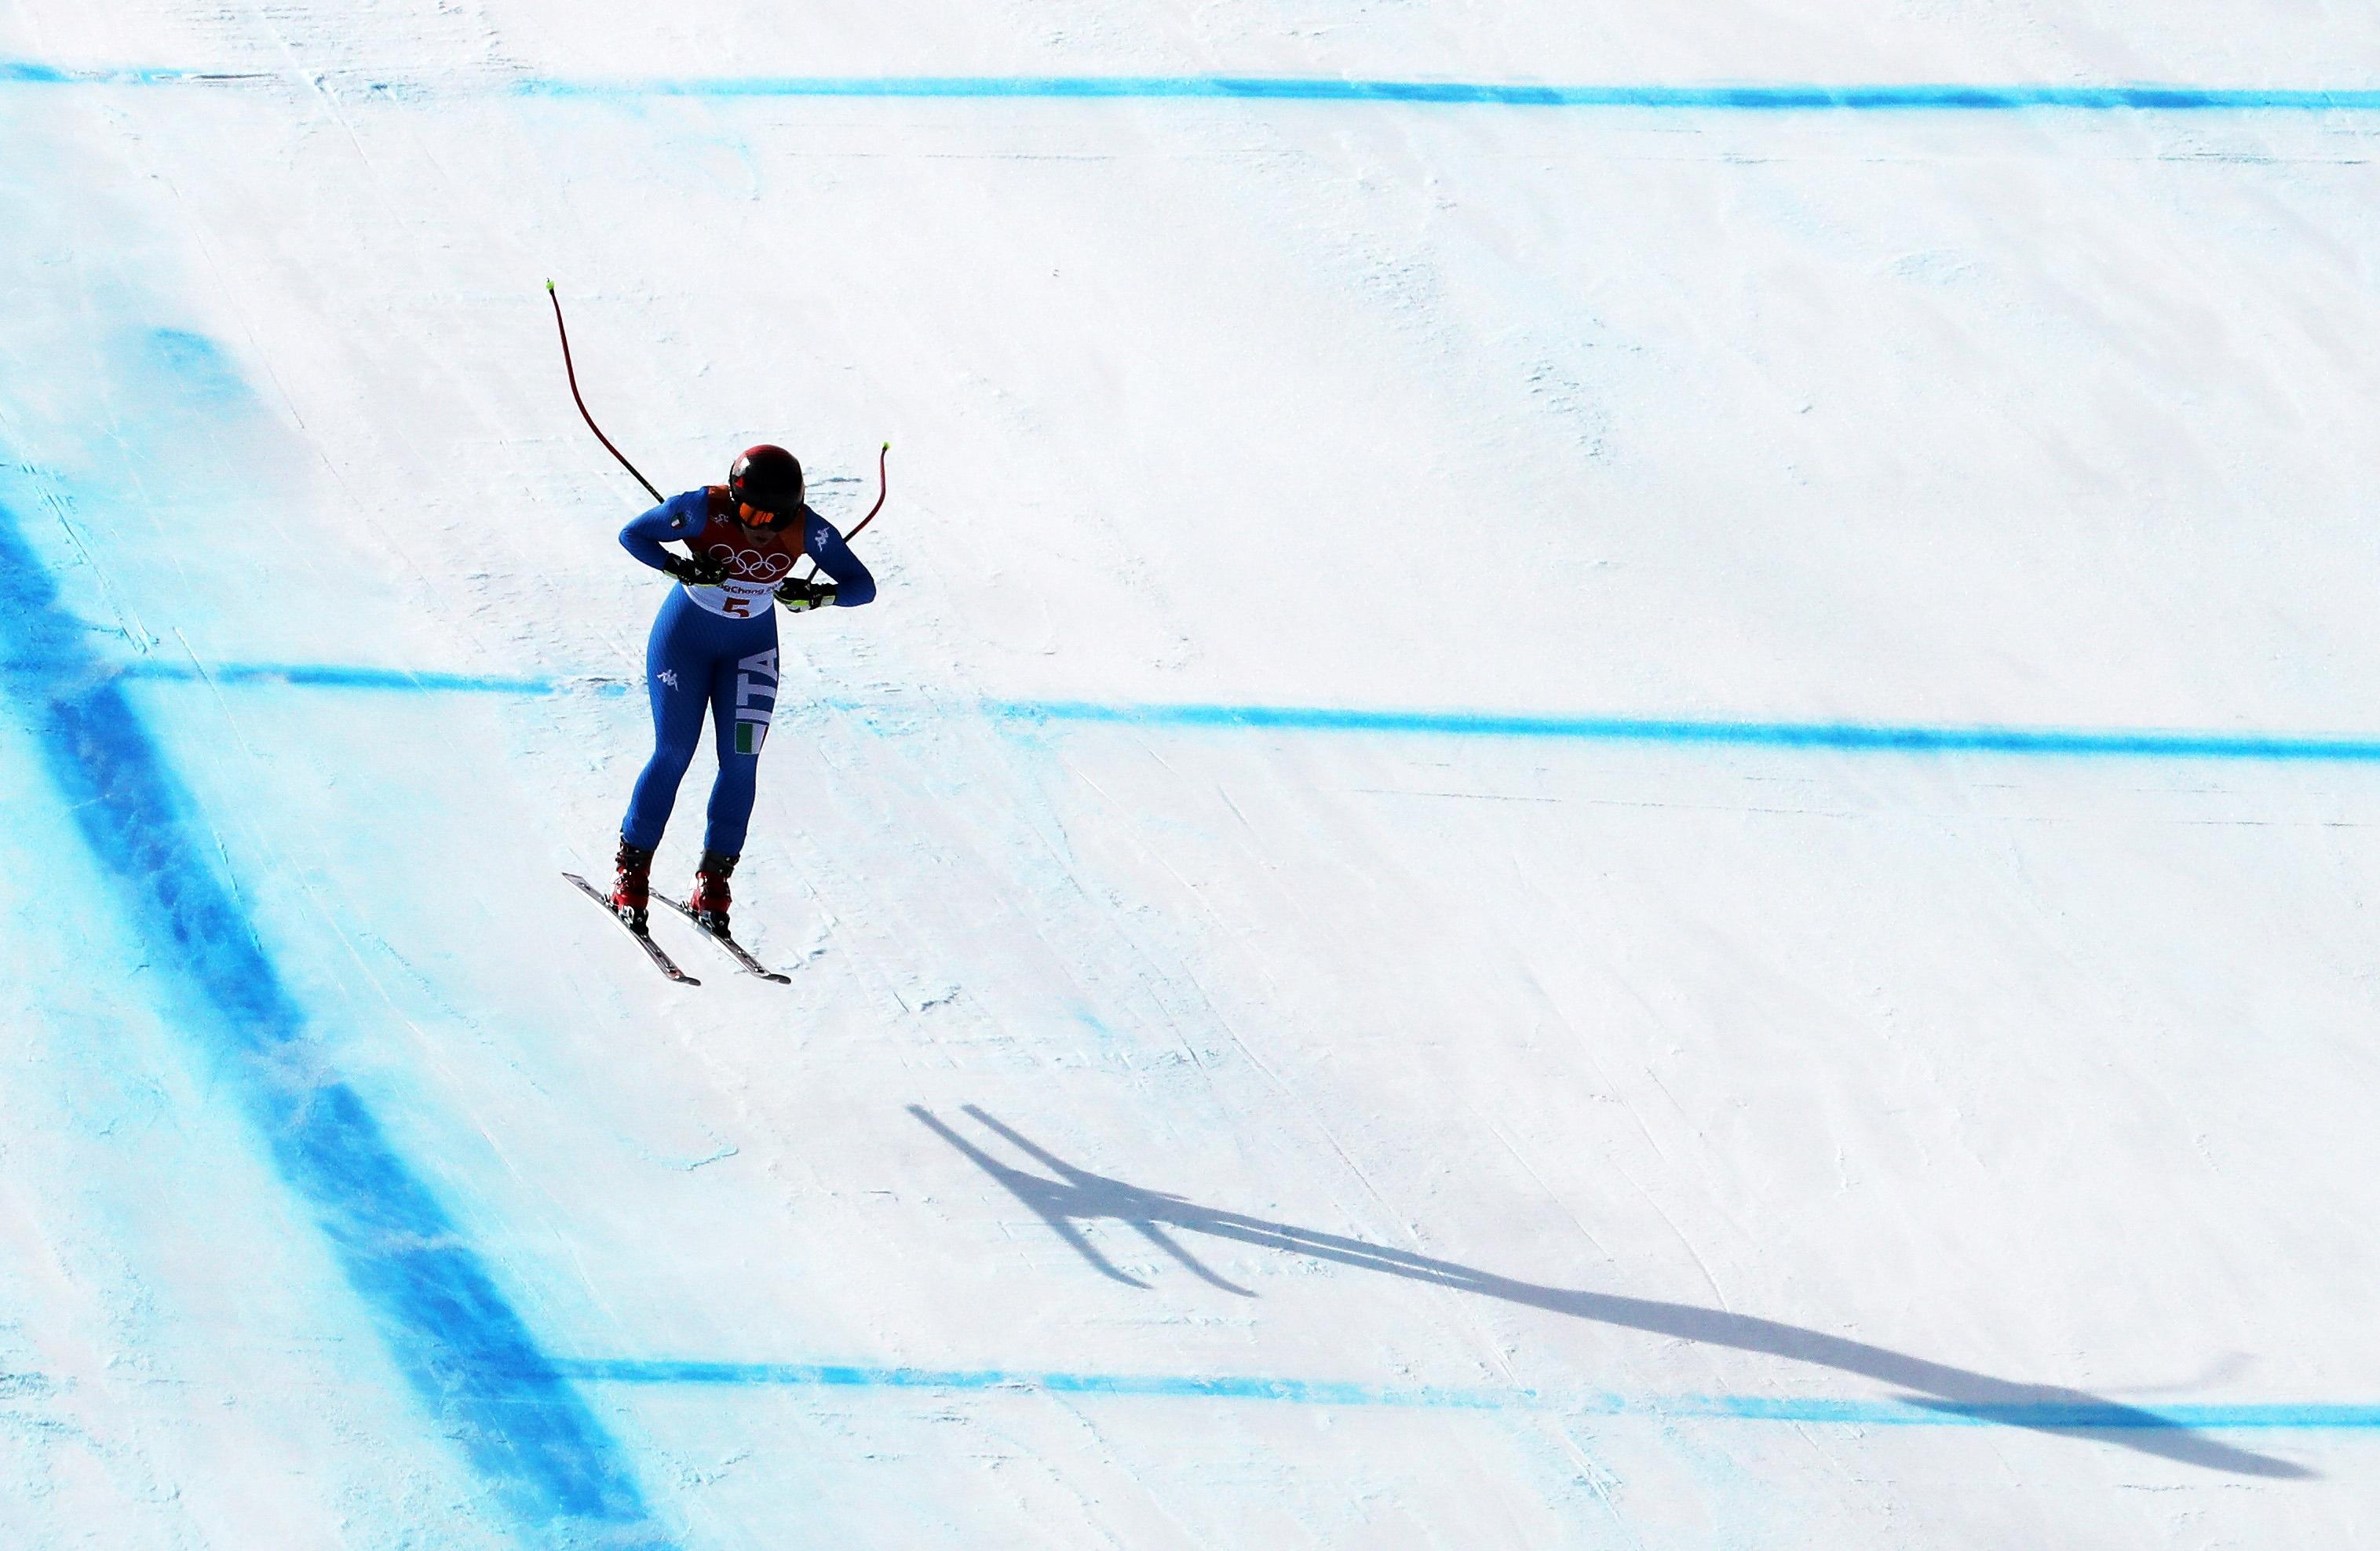 Le foto più belle della sciatrice Sofia Goggia, oro alle Olimpiadi / Image 15